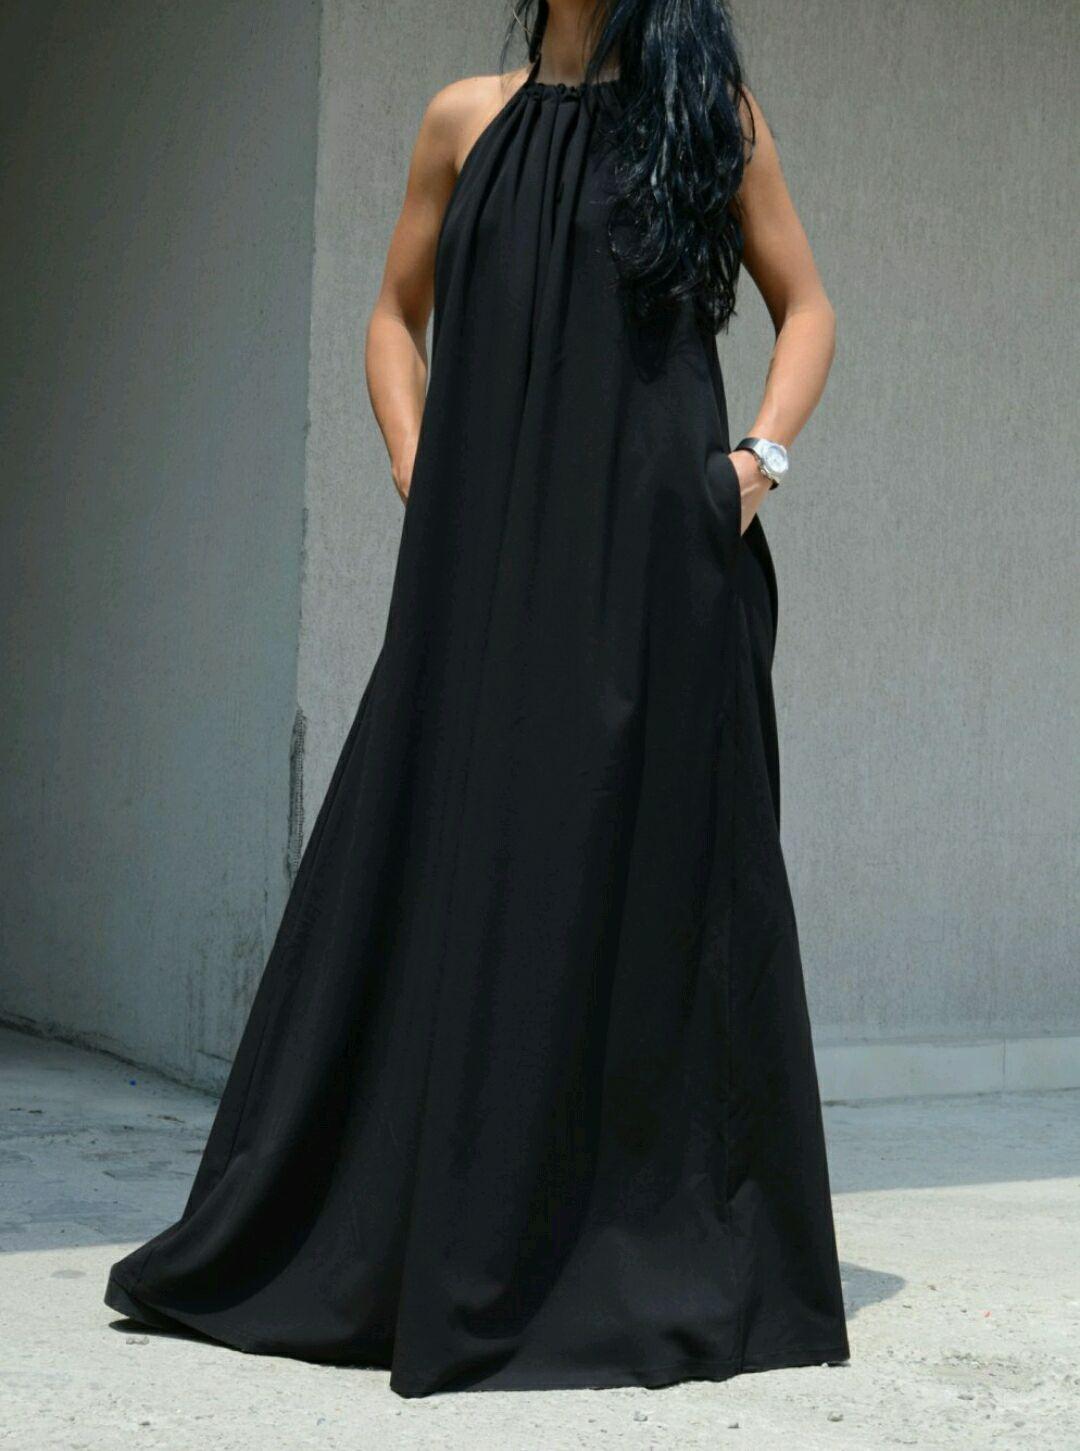 Чёрное платье Вечер, Платья, Ставрополь,  Фото №1